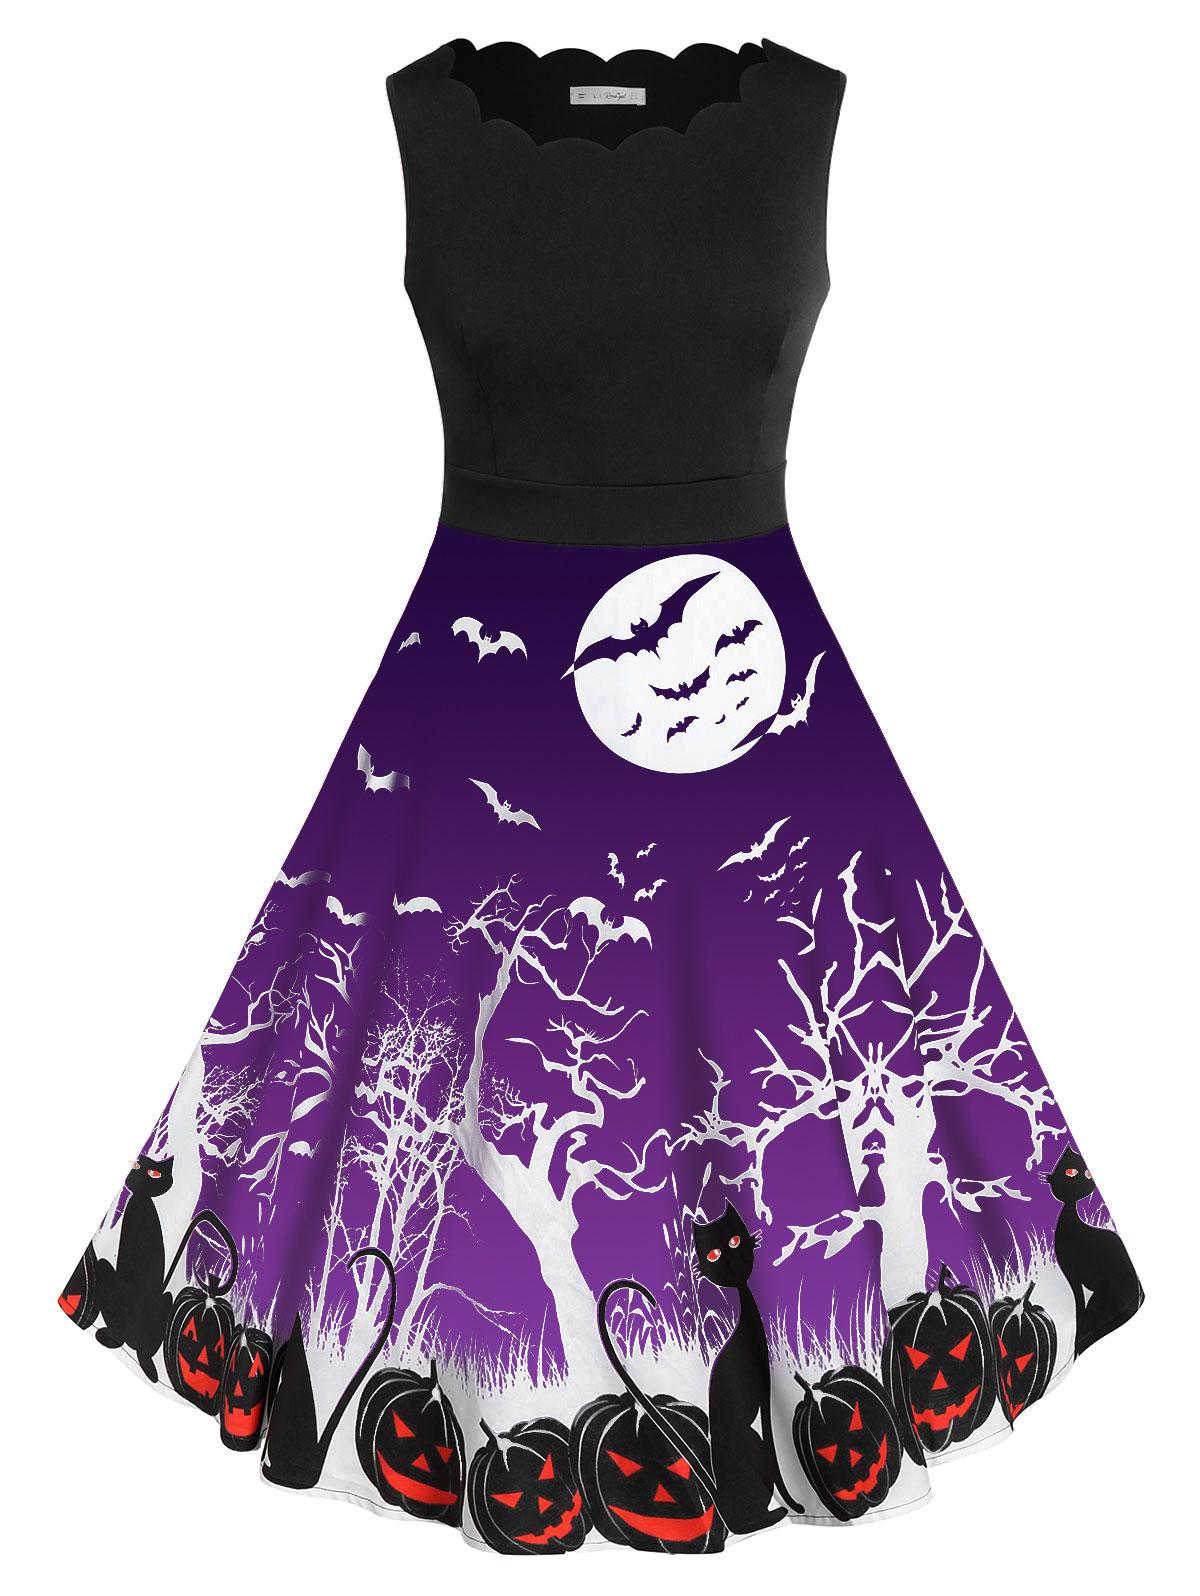 Rosegal Halloween Bat calabaza imprimir Vestido Mujer Vintage grande de talla grande 5XL A-Line vestido Swing Rockabilly Pin Up Retro vestidos